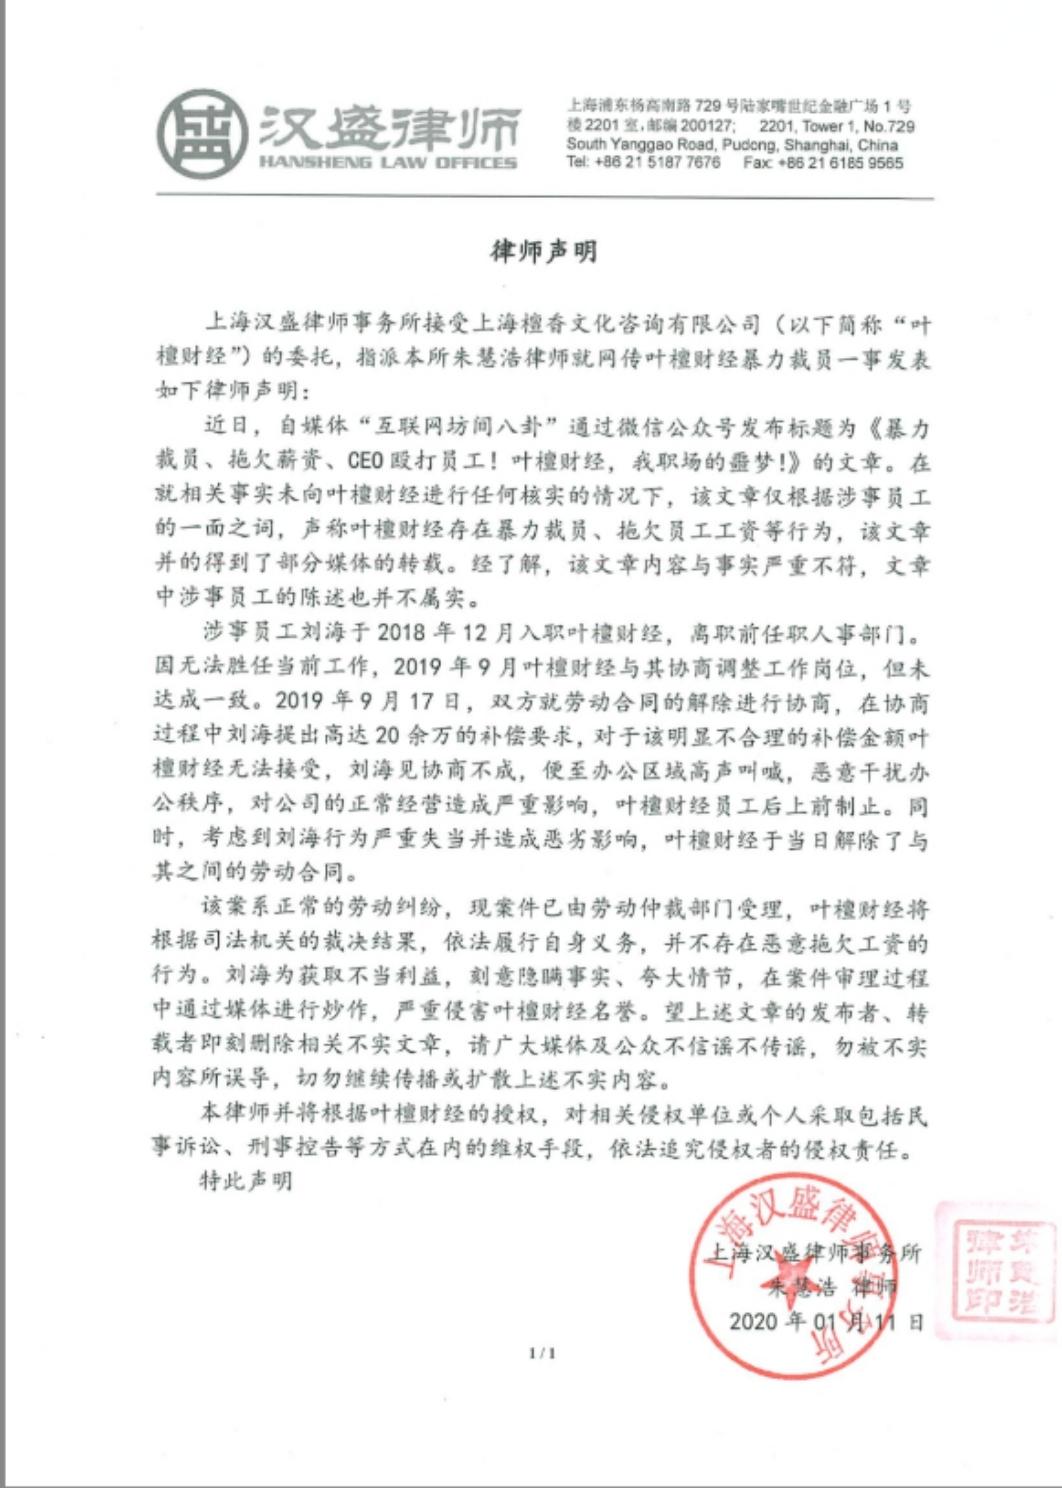 叶檀回应暴力裁员、拖欠薪资等:已报案 相信法律